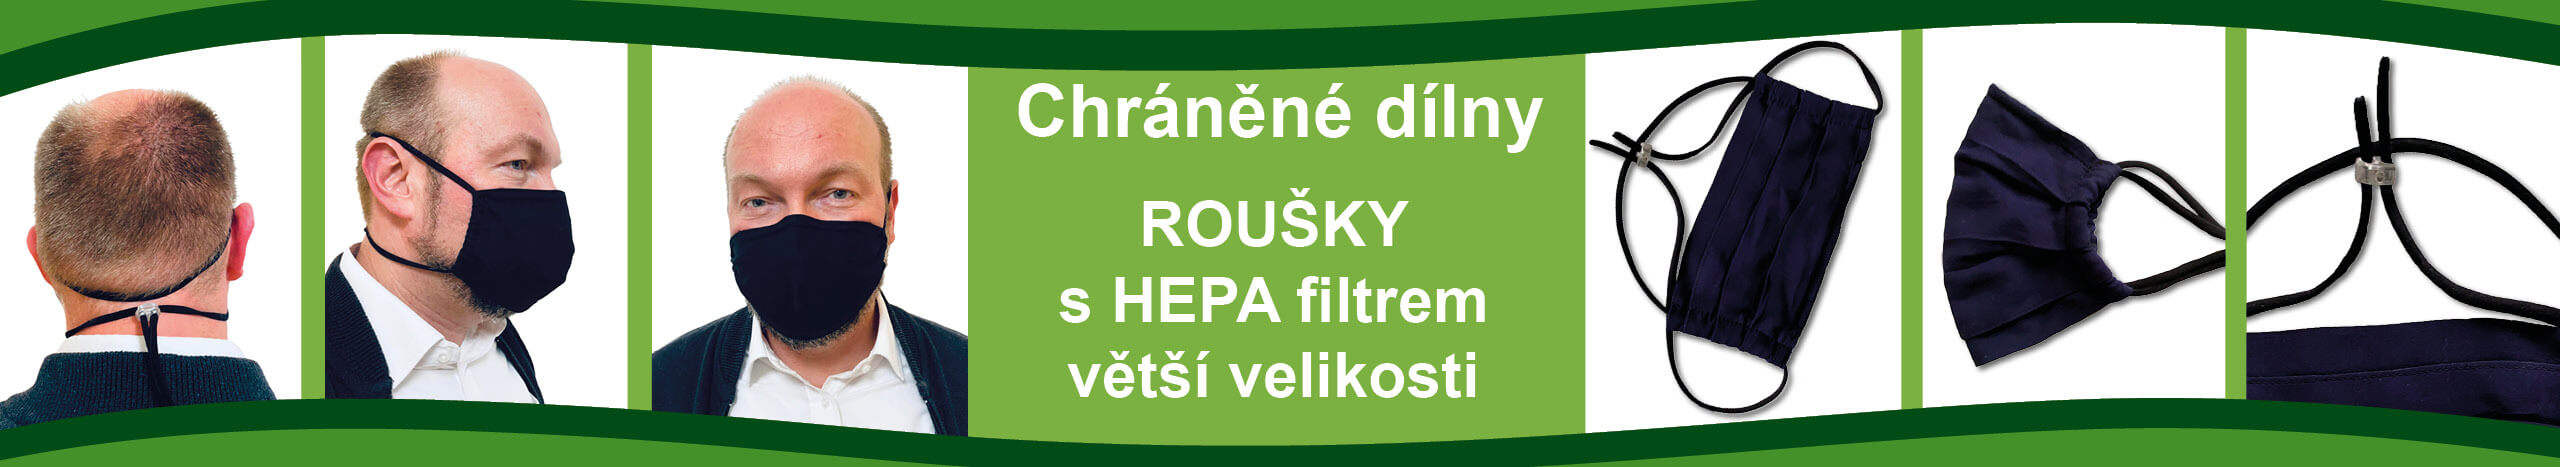 slide_pro_web_rousky_vetsi_vel_002